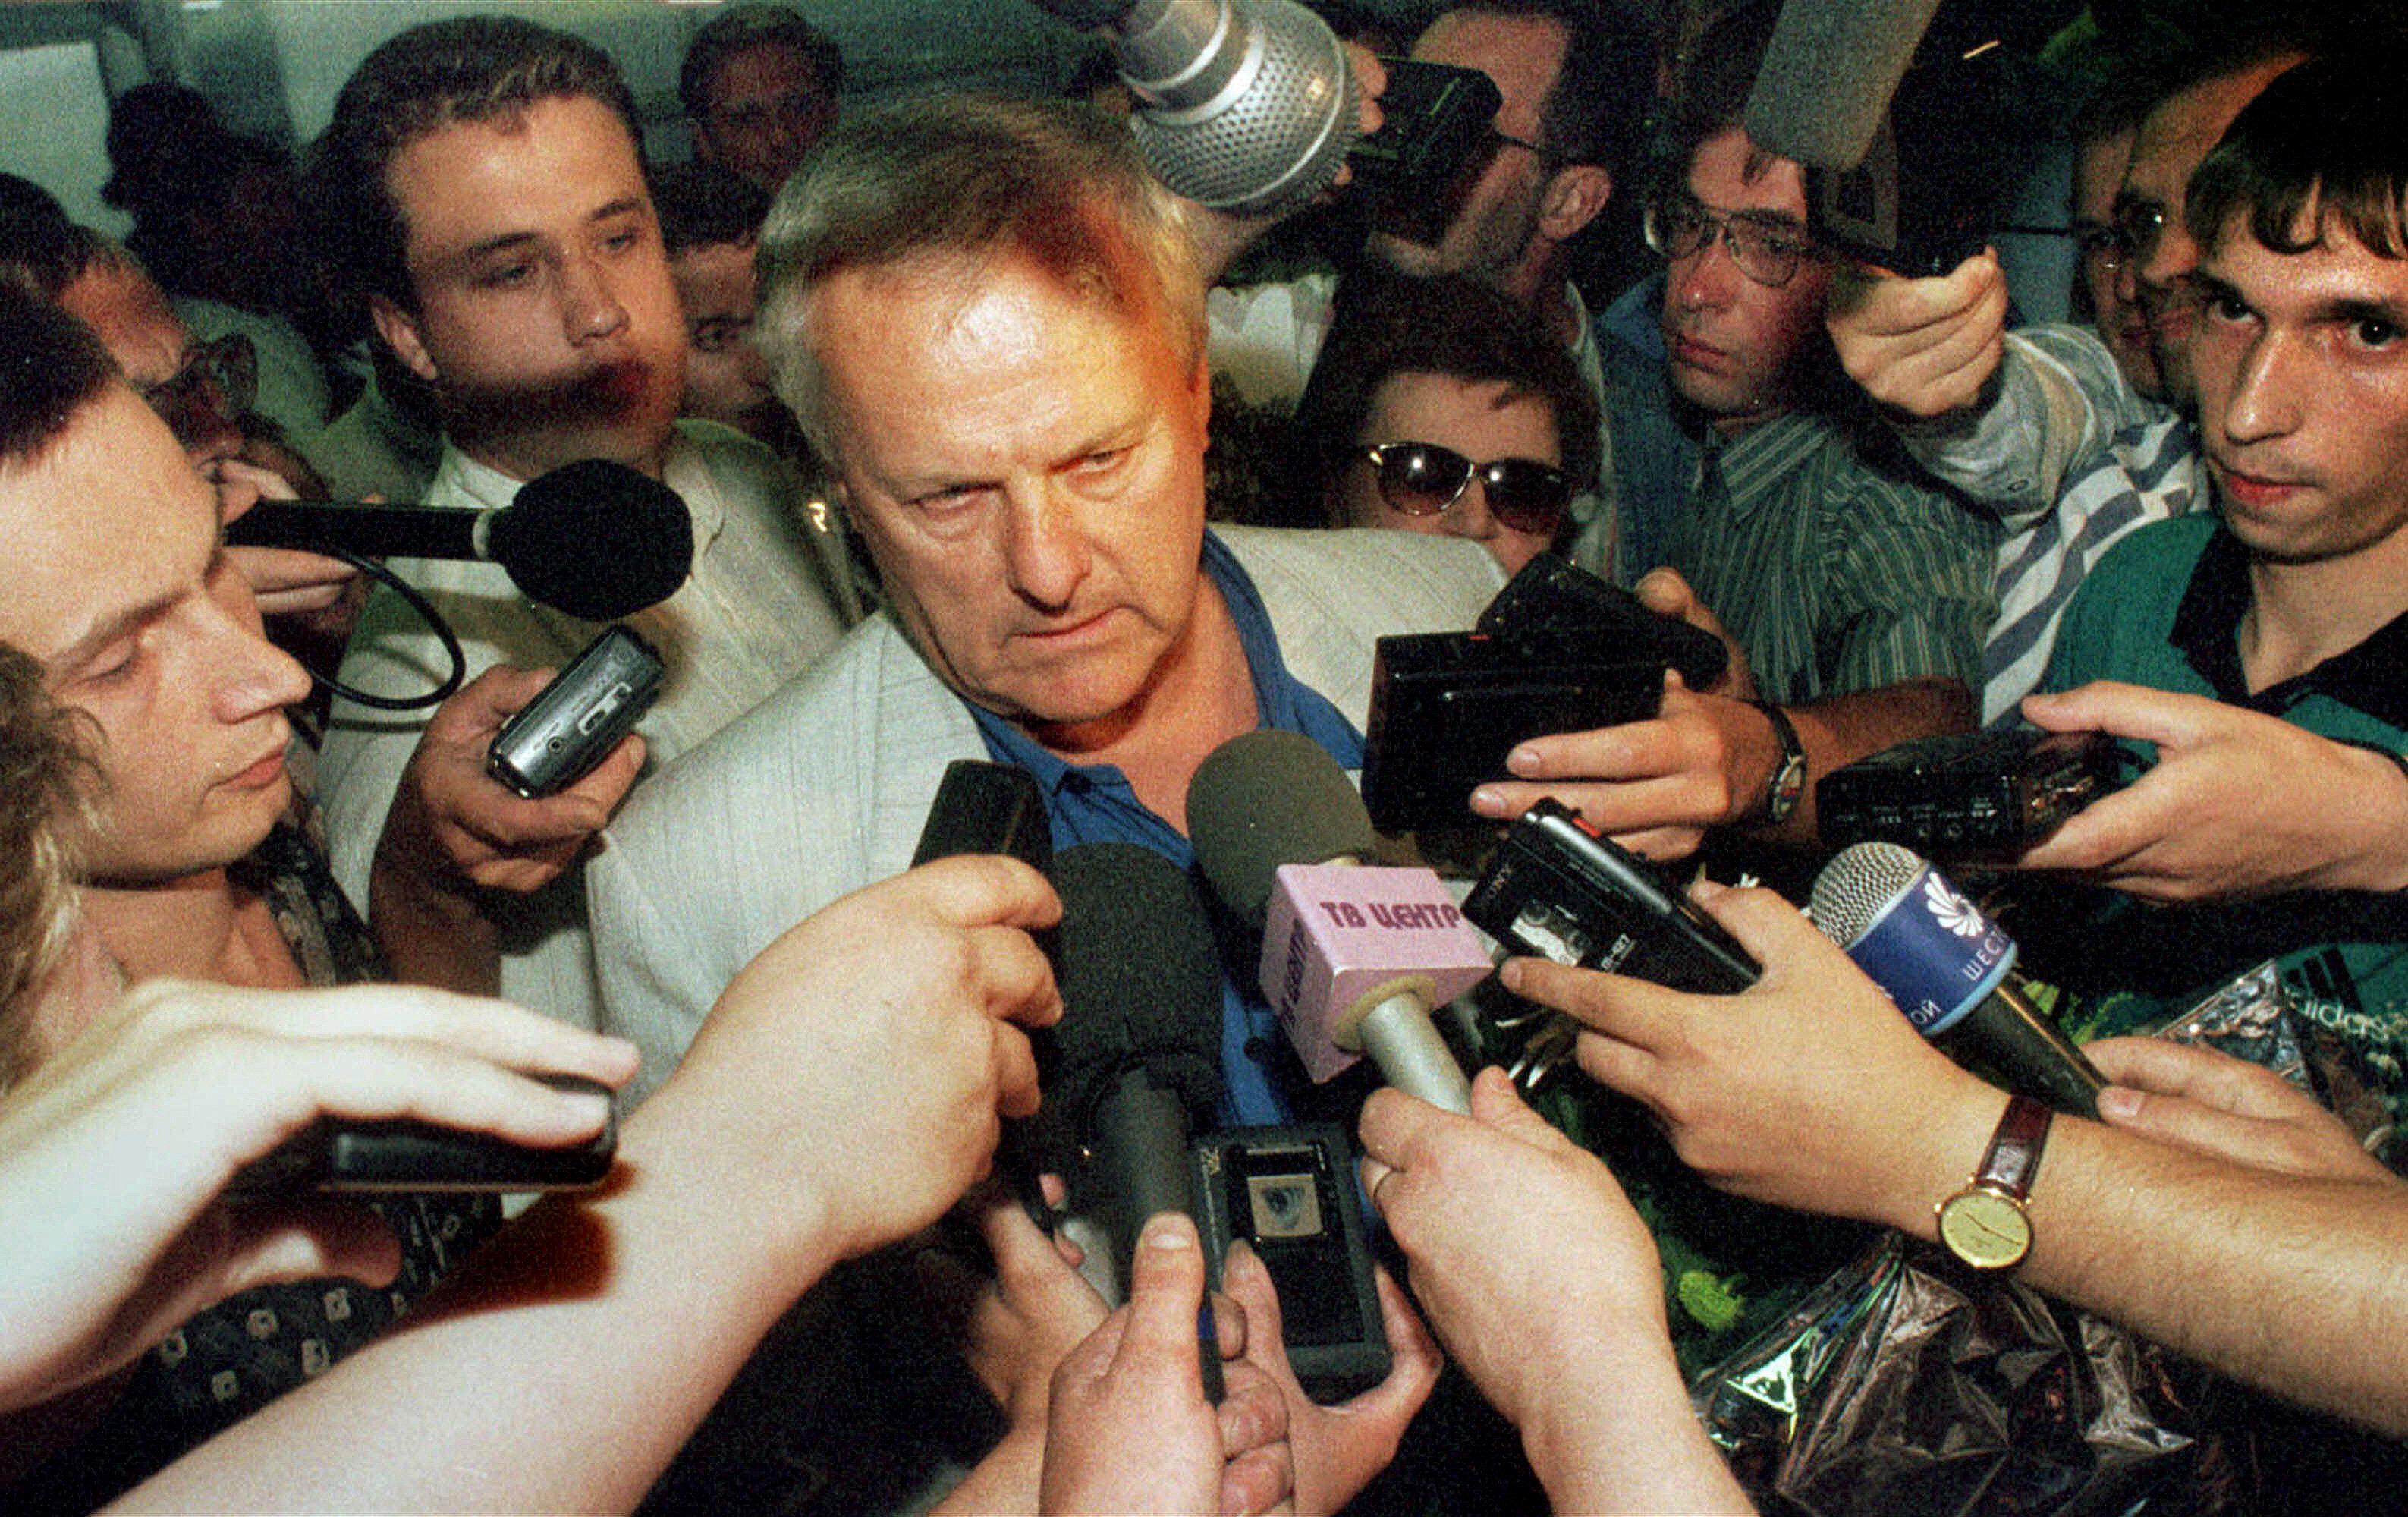 Бывший мэр Санкт-Петербурга Анатолий Собчак беседует с прессой в городском аэропорту в июле 1999 года после 20-месячного пребывания во Франции